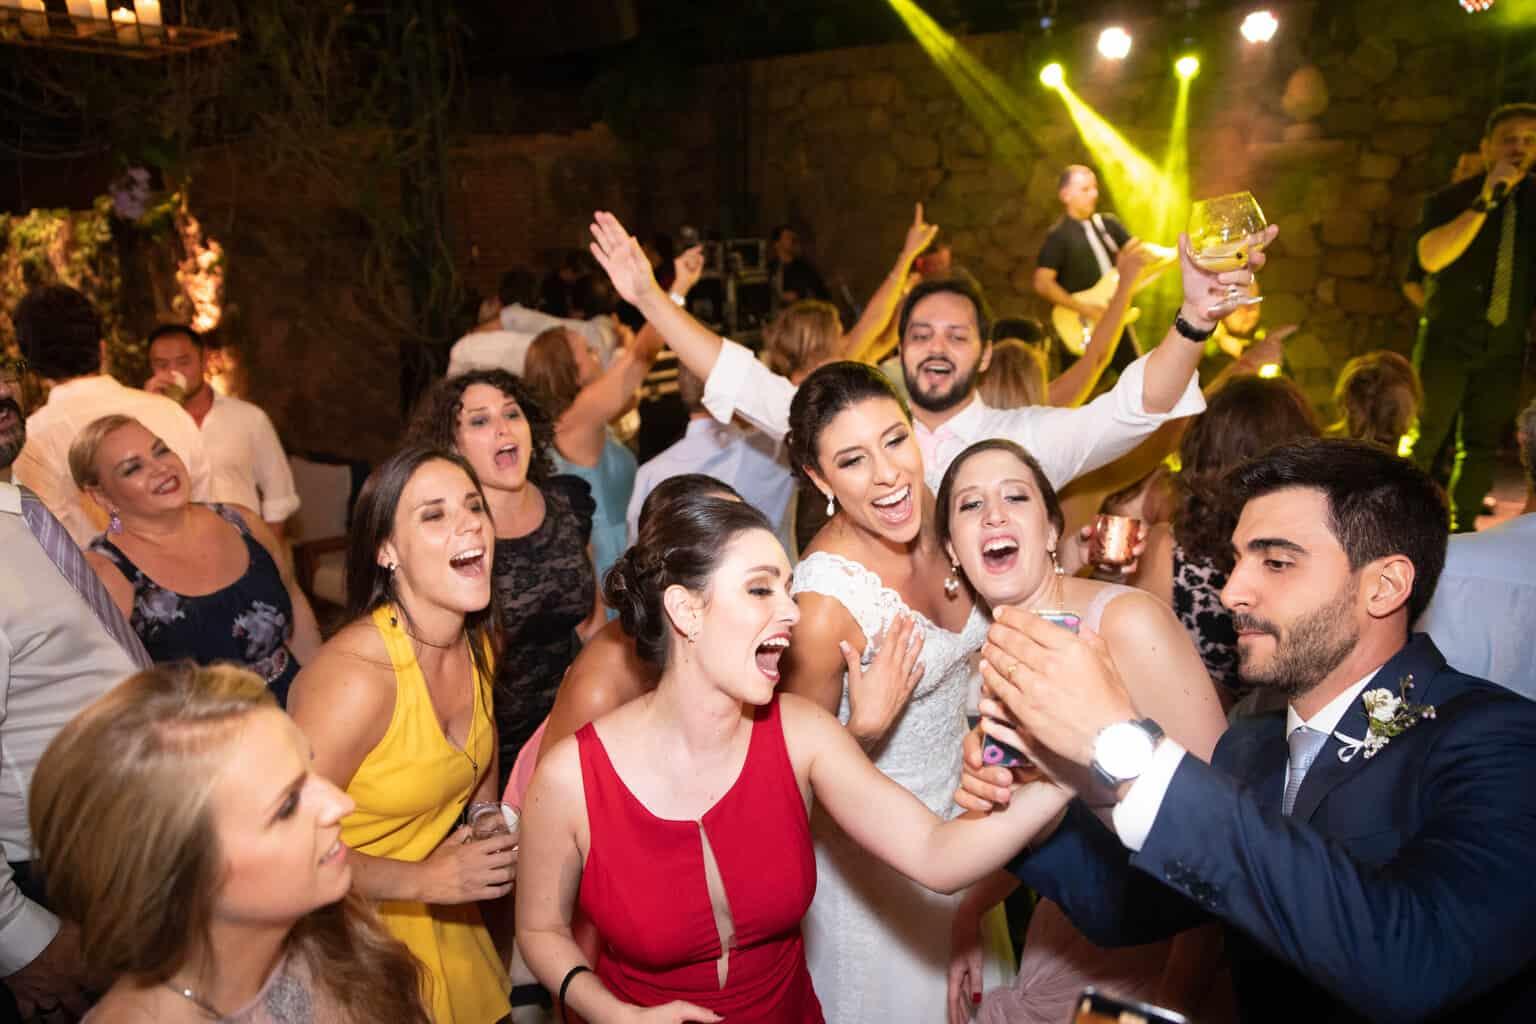 casamento-na-Fazenda-Vila-Rica-cerimonial-Ana-Paula-Tabet-Fotografia-Euka-Weddings-pista-Renata-e-Gabriel131